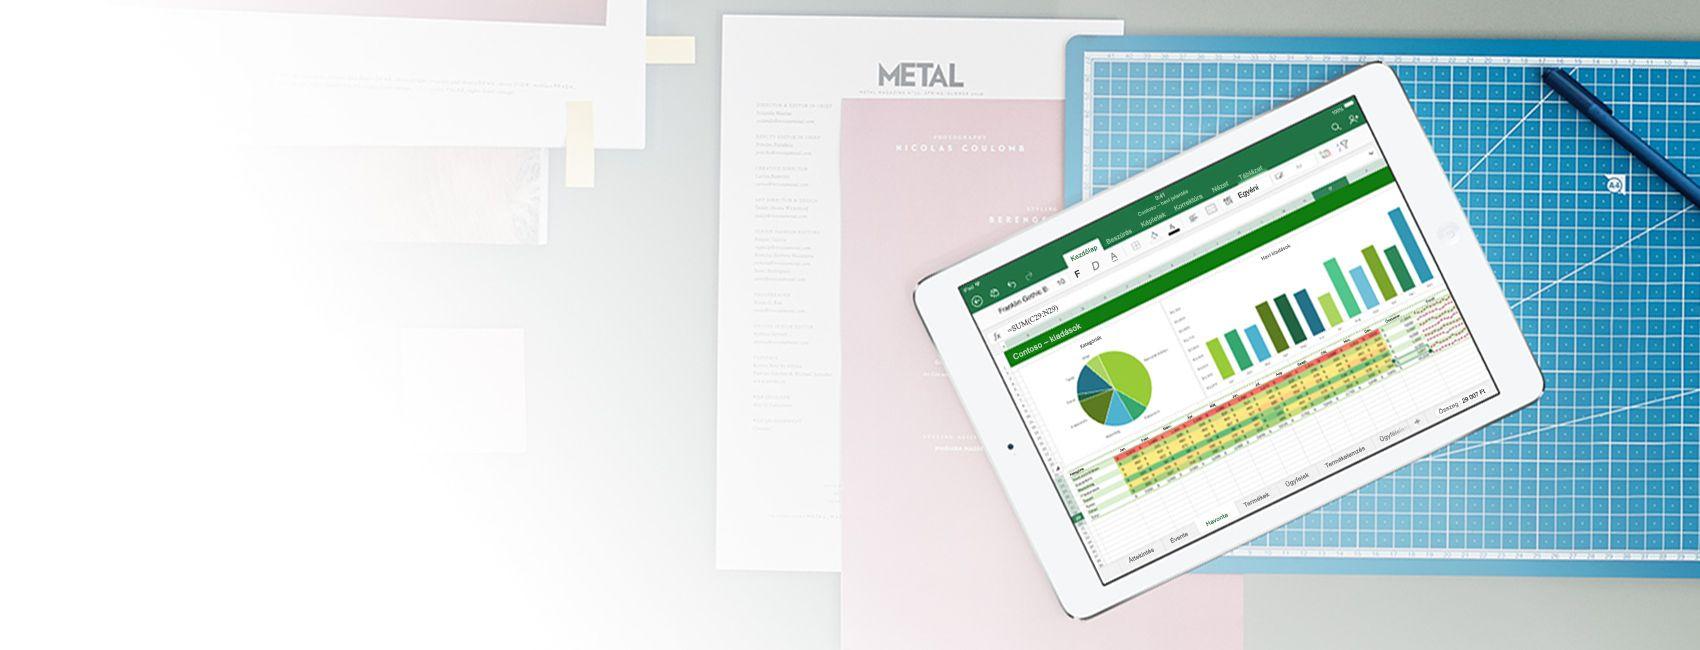 Egy táblagép, amelynek a képernyőjén egy Excel-táblázat és -diagram látható az iOS Excel appban